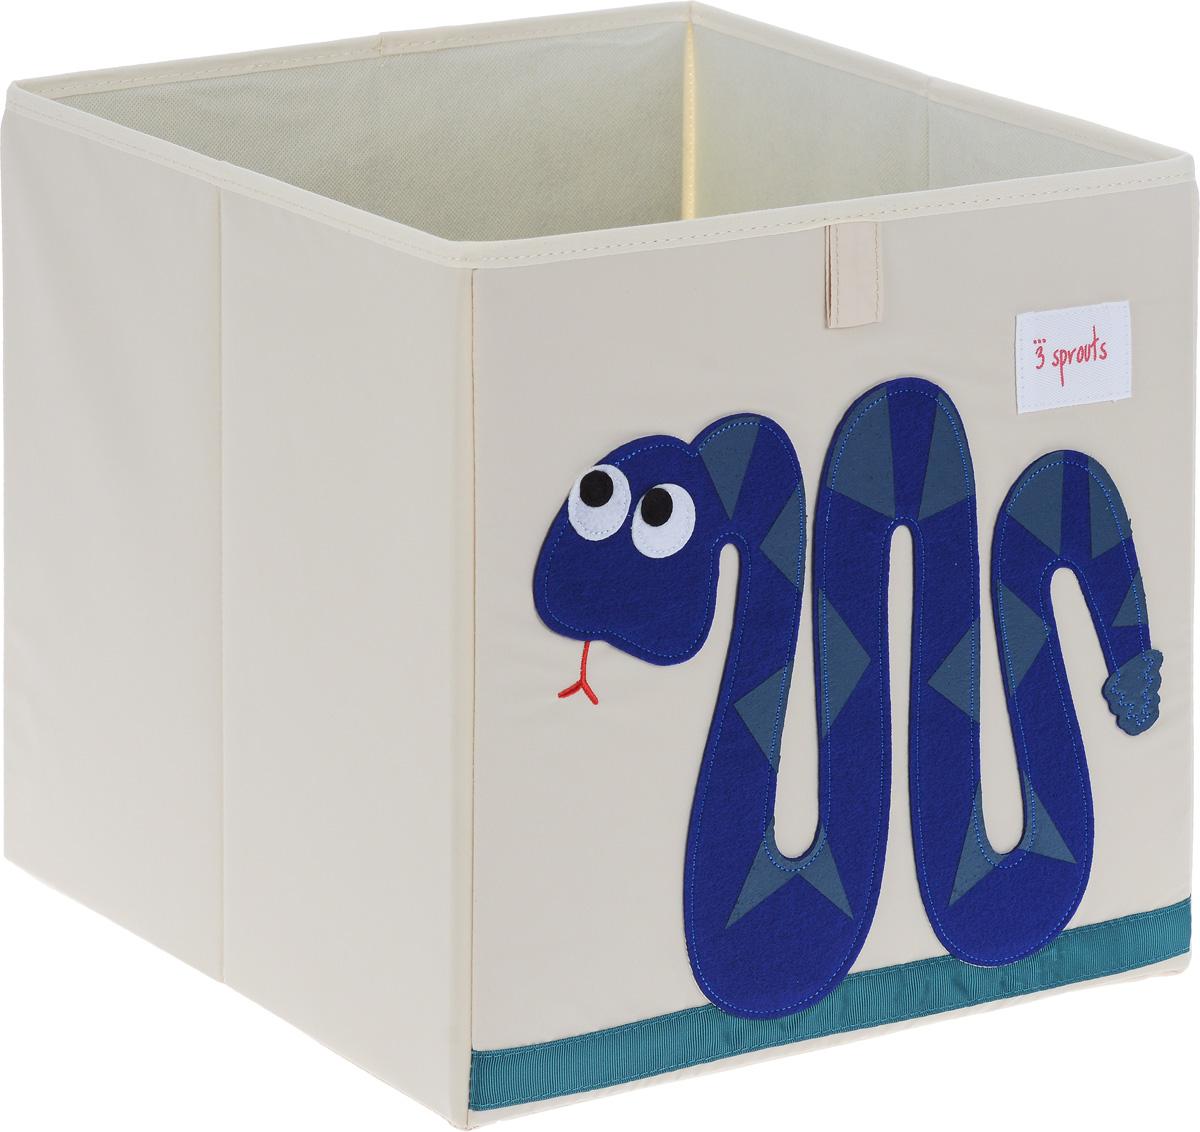 3 Sprouts Коробка для хранения Змейка1004900000360Коробка для хранения 3 Sprouts Змейка - это отличный вариант организации пространства любой комнаты.Стороны коробки усилены с помощью картона, поэтому она всегда стоит ровно. Помещается практически во все стеллажи с квадратными отсеками и добавляет озорства любой комнате. Стоит ли коробка отдельно или на полке стеллажа, она обеспечит прекрасную организацию в вашем доме.Уход: снаружи - только выведение пятен.